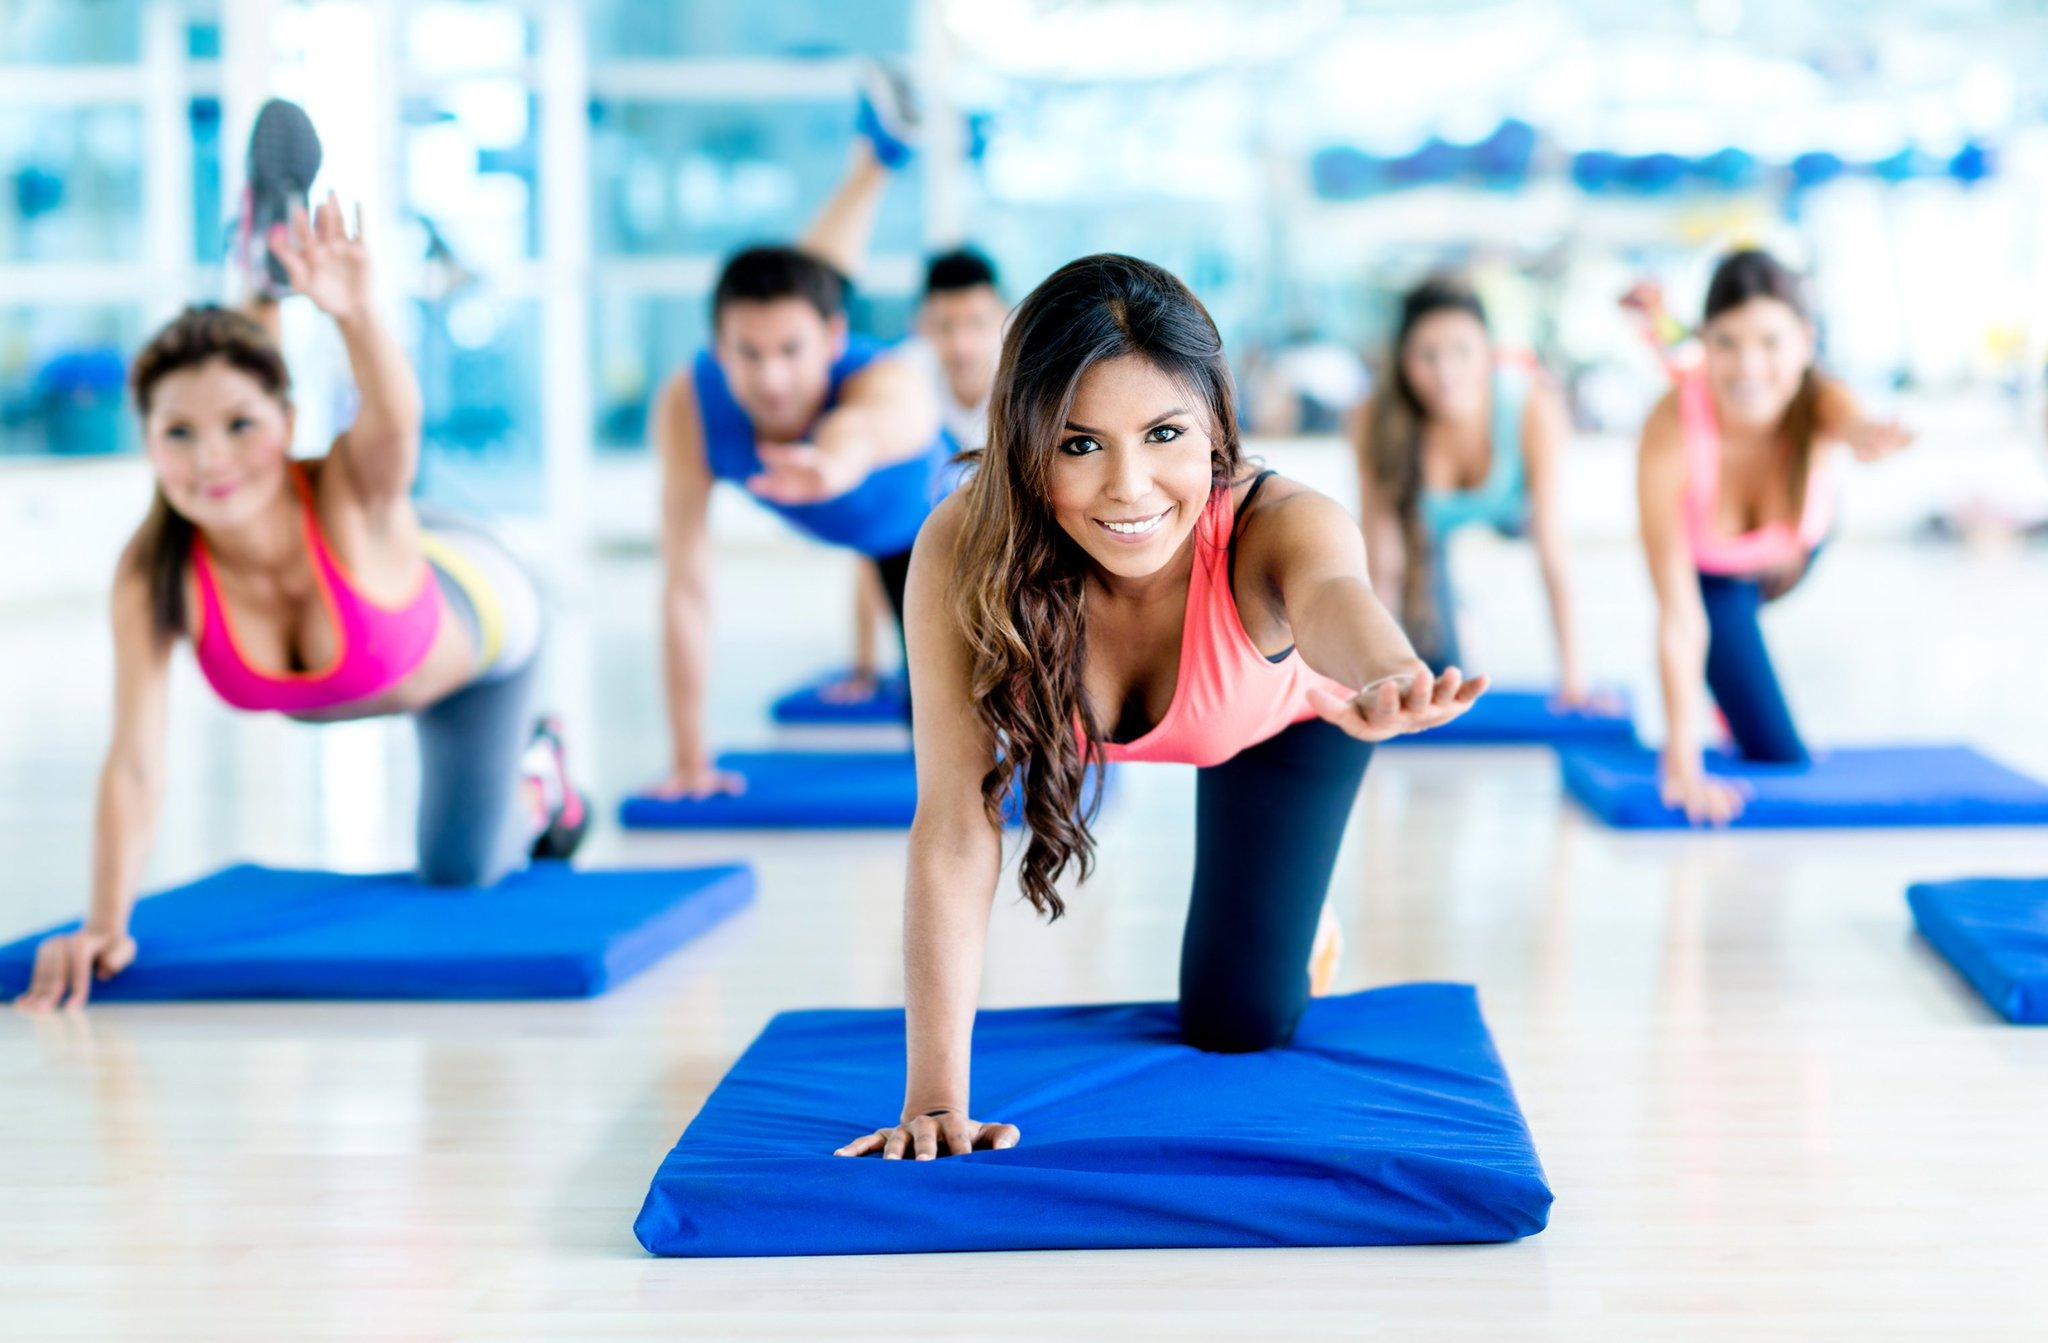 Каким спортом нужно заниматься похудеть